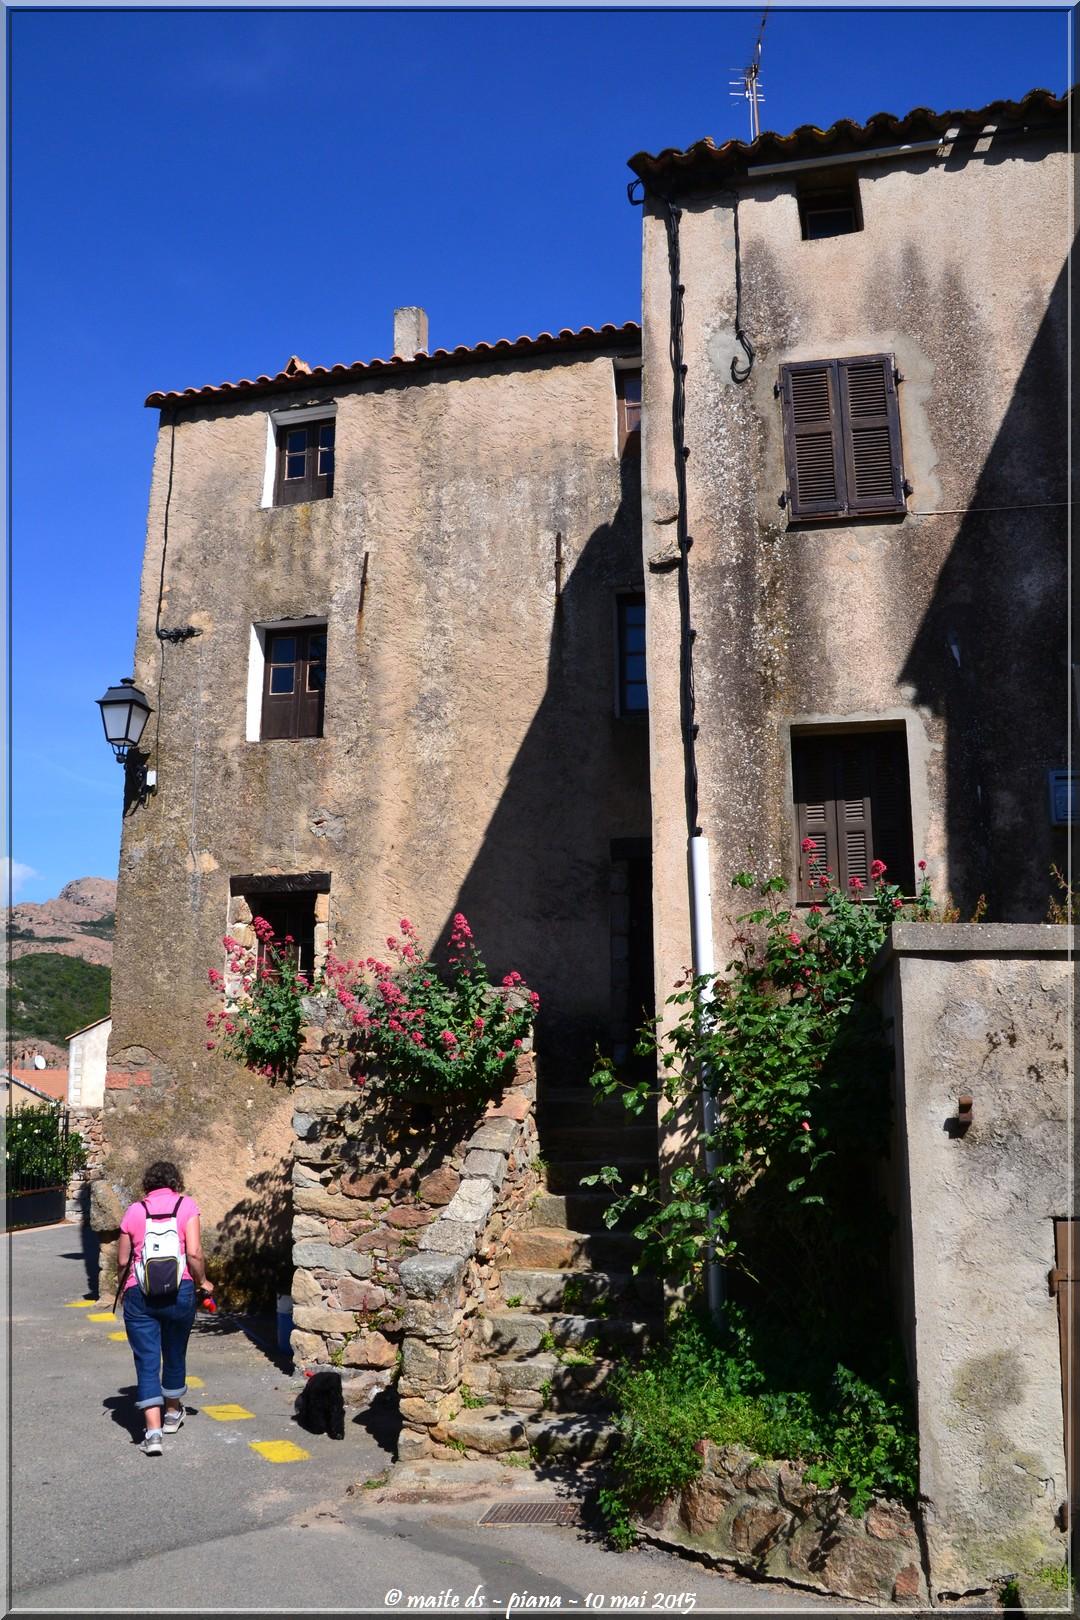 Village de Piana - Corse